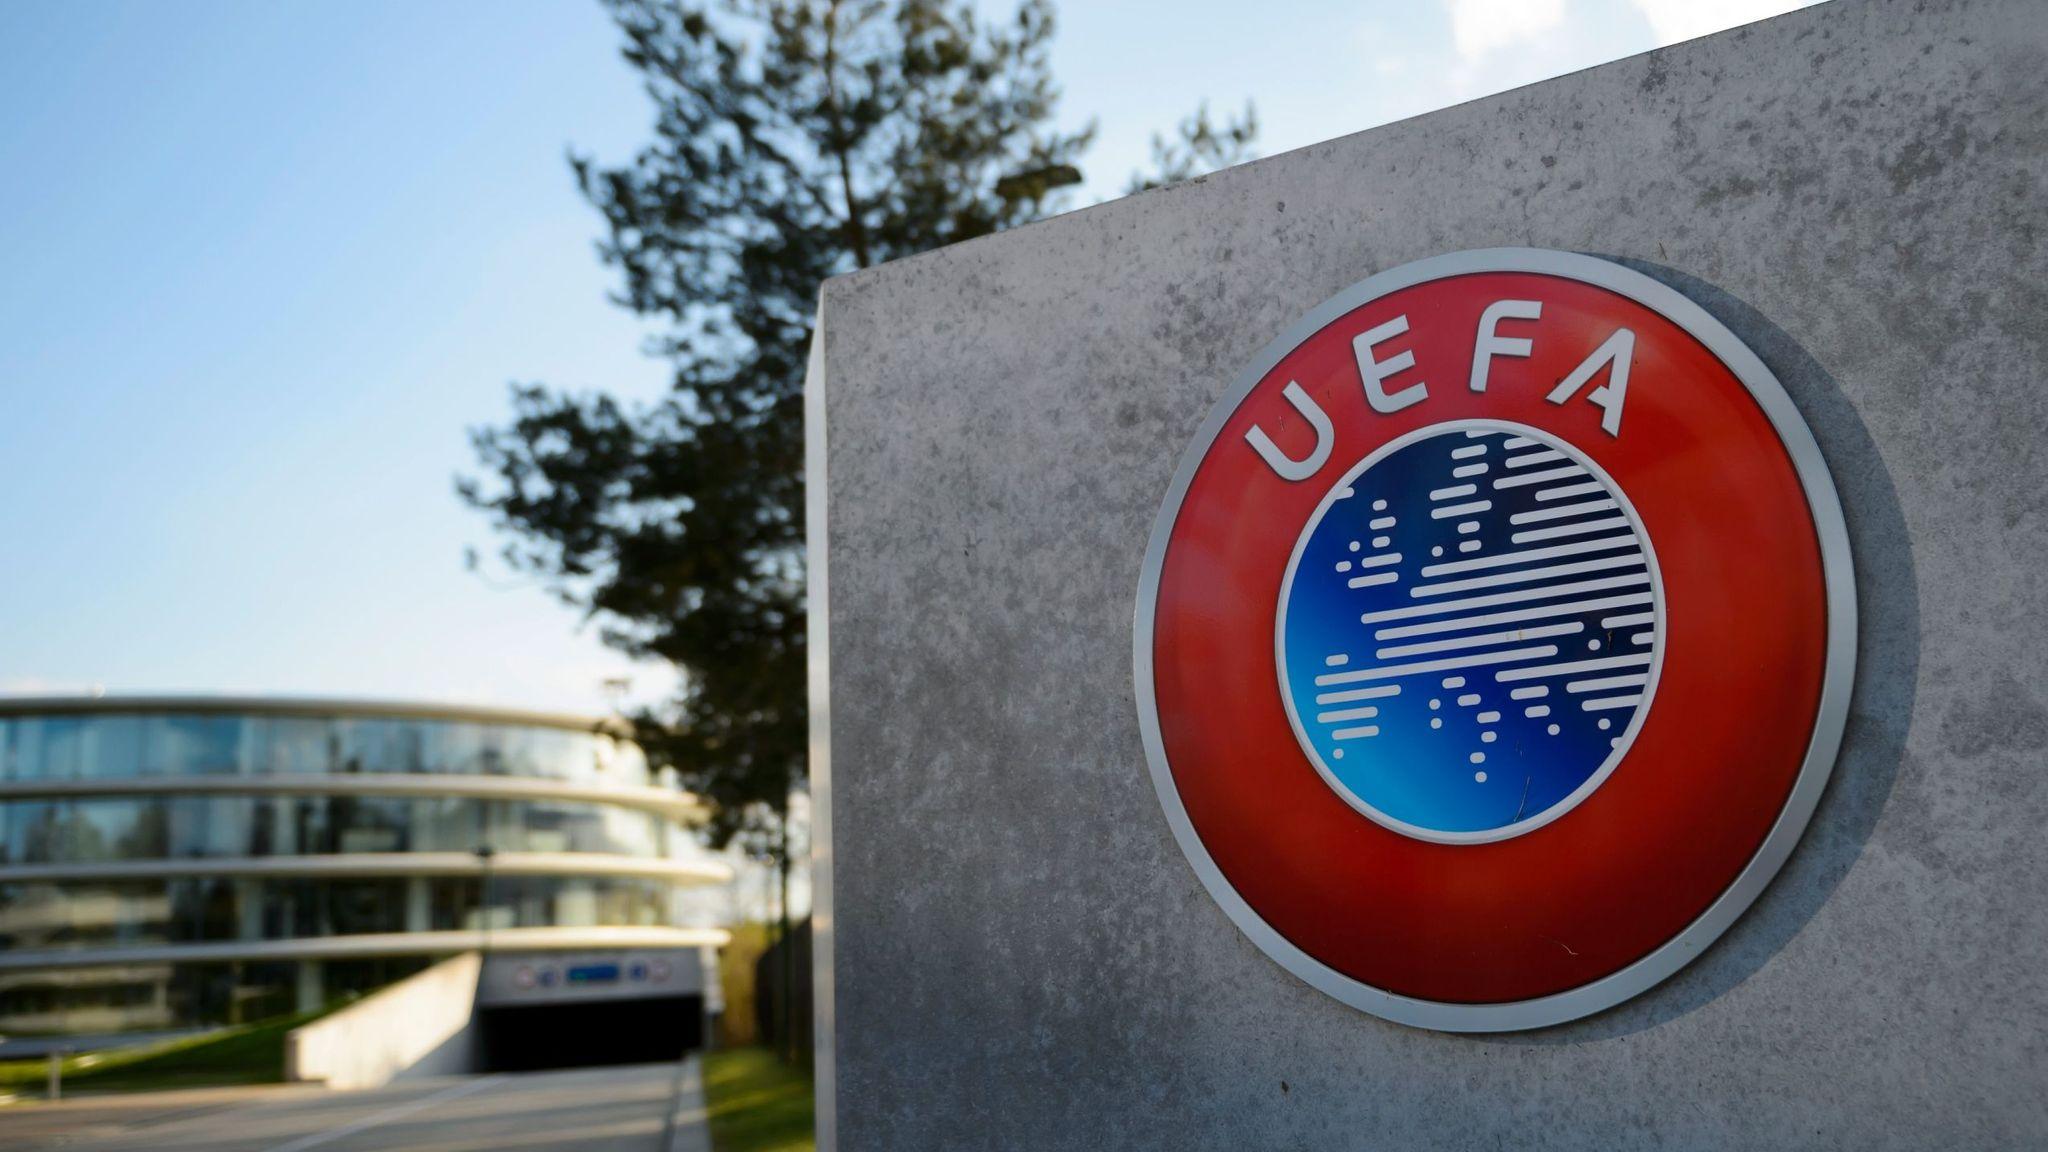 欧足联想把剩余欧冠1/8决赛移到里斯本,皇马同意,巴萨等队拒绝